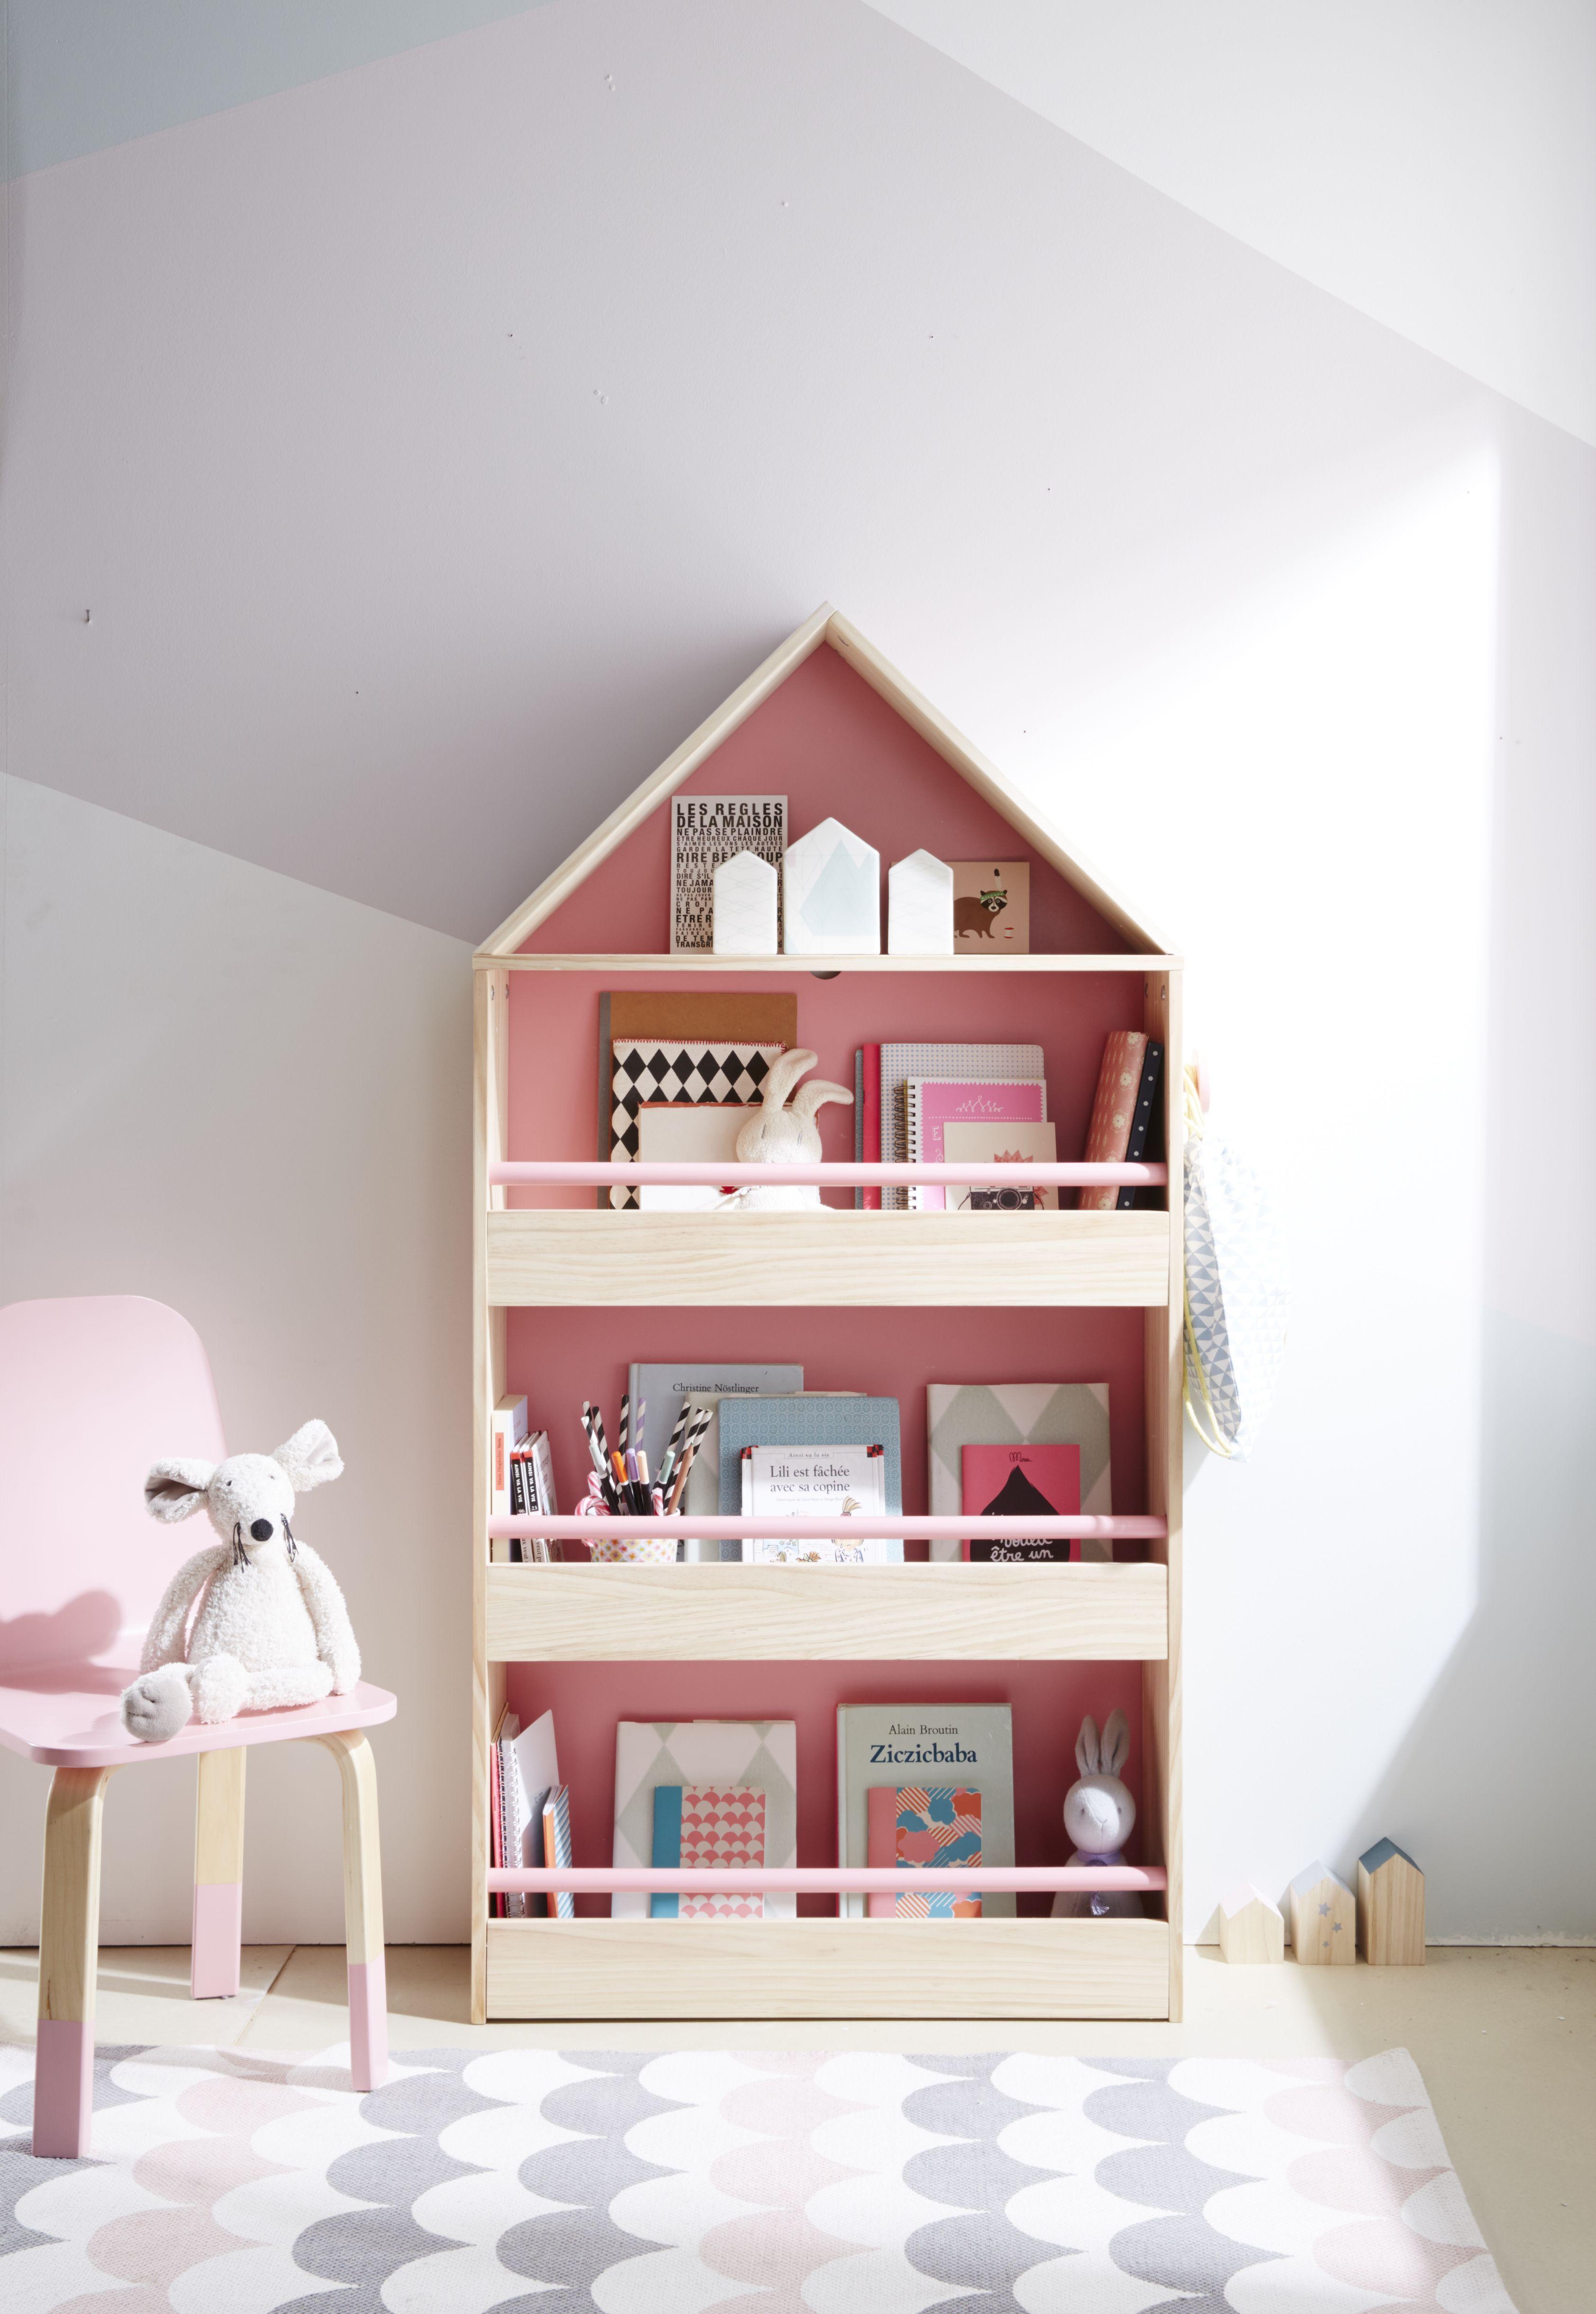 vertbaudet bibliotheque en forme de maison pour un charmant coin lecture ses petites barres de meuble rangement enfant deco chambre enfant chambre enfant